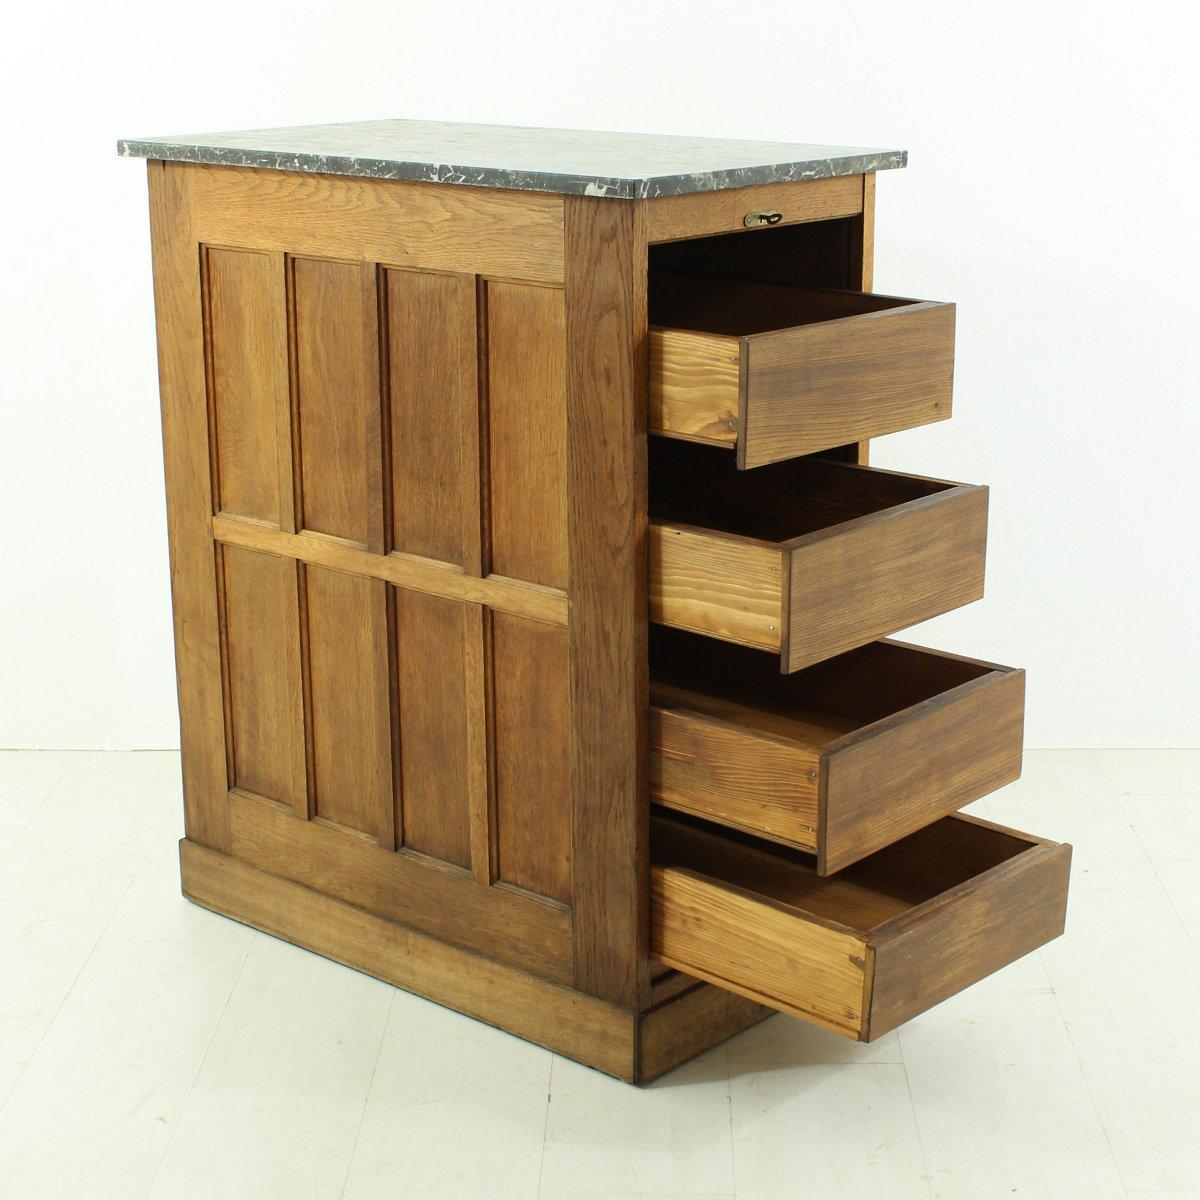 franz sischer vintage schrank mit tambour t ren 1930er bei pamono kaufen. Black Bedroom Furniture Sets. Home Design Ideas